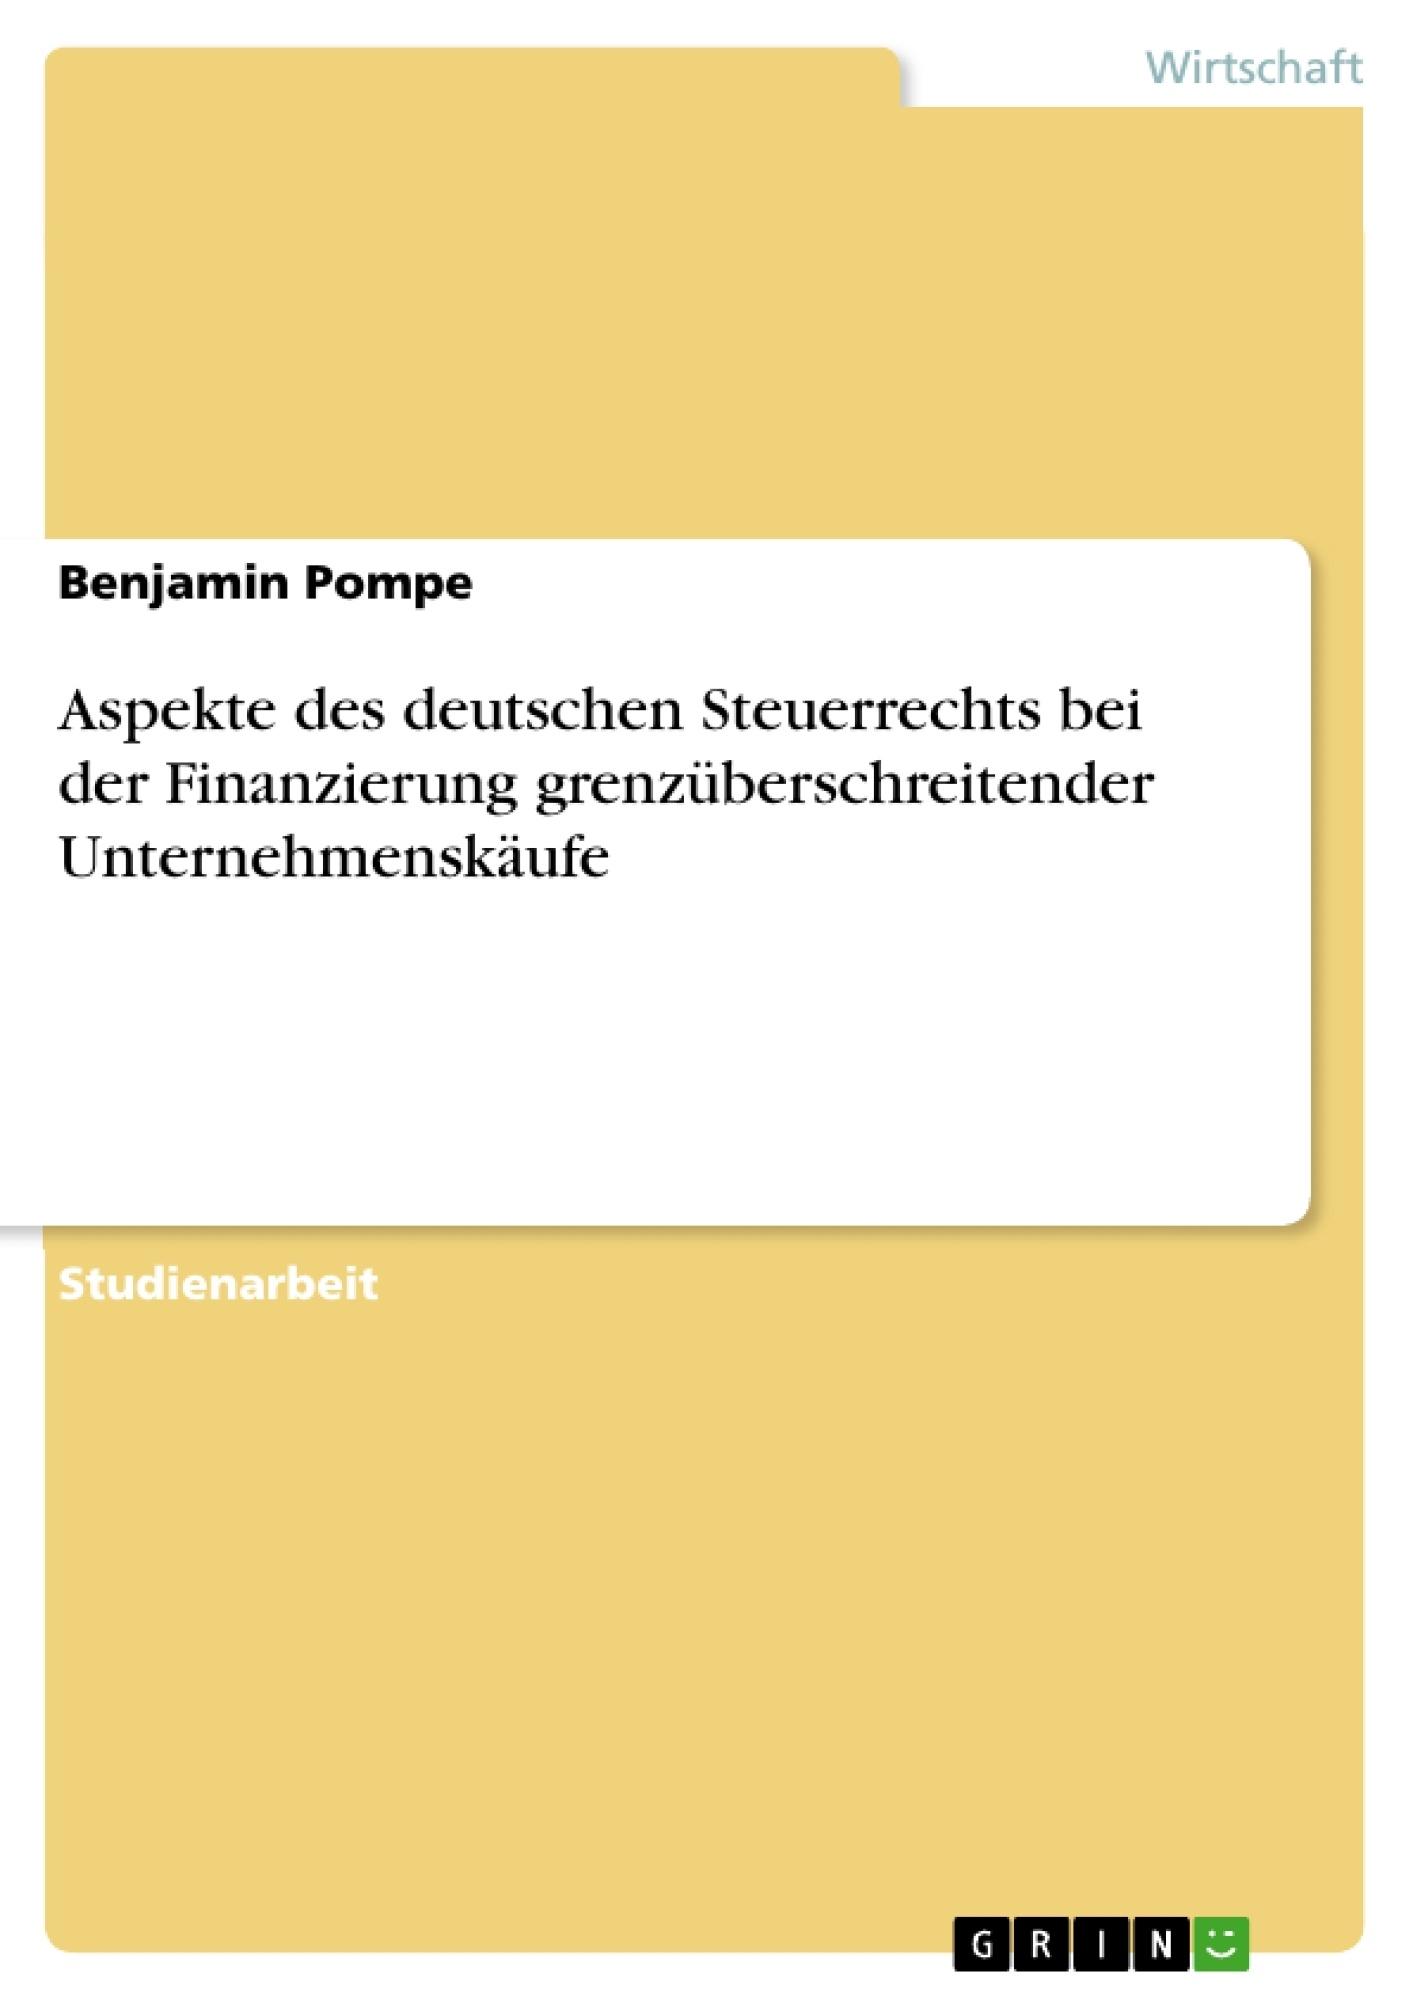 Titel: Aspekte des deutschen Steuerrechts bei der Finanzierung grenzüberschreitender Unternehmenskäufe